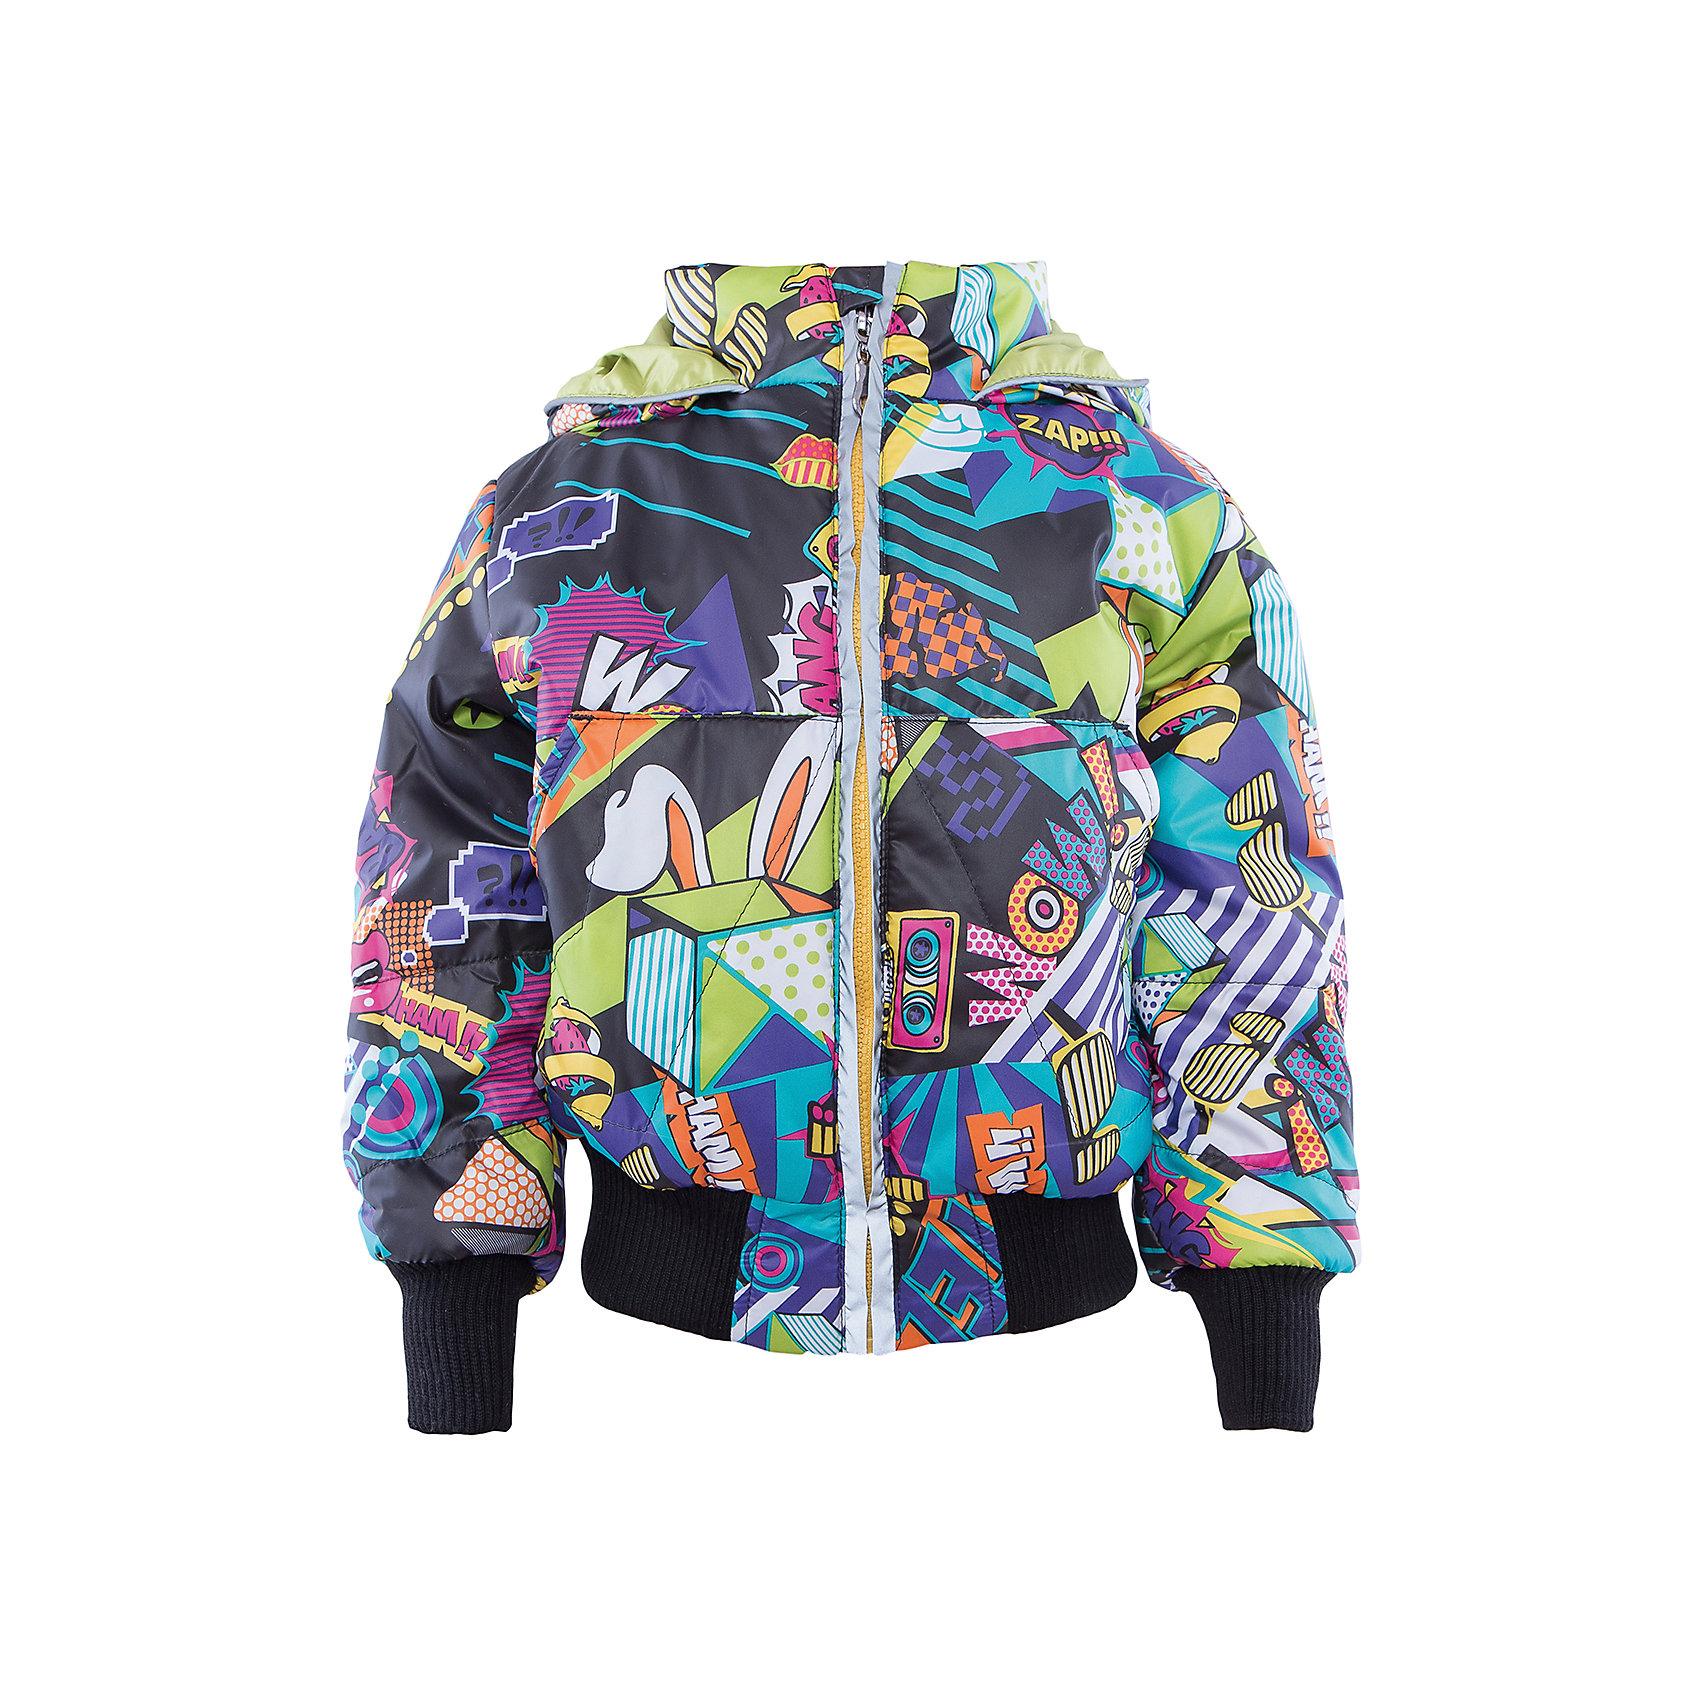 Артель Куртка для мальчика Артель trybeyond куртка для мальчика 999 97499 00 94z серый trybeyond